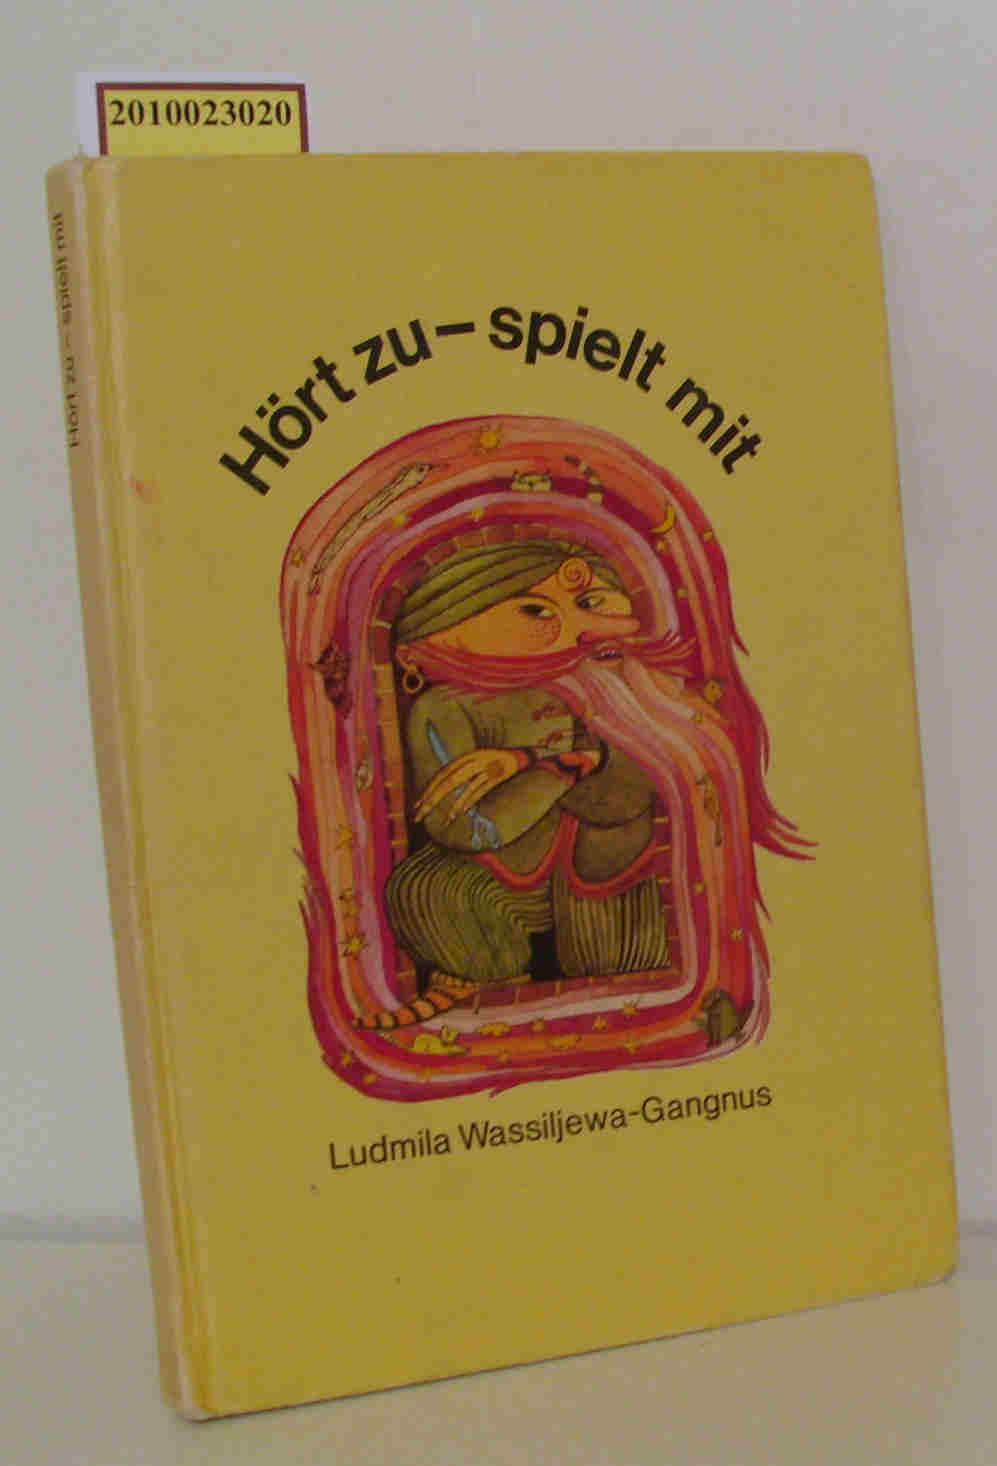 Hört zu - spielt mit Anregungen zum Basteln u. Spielen nach Märchen für Vorschulkinder / Ludmila Wassiljewa-Gangnus. [Übers.: Brigitte Golm]